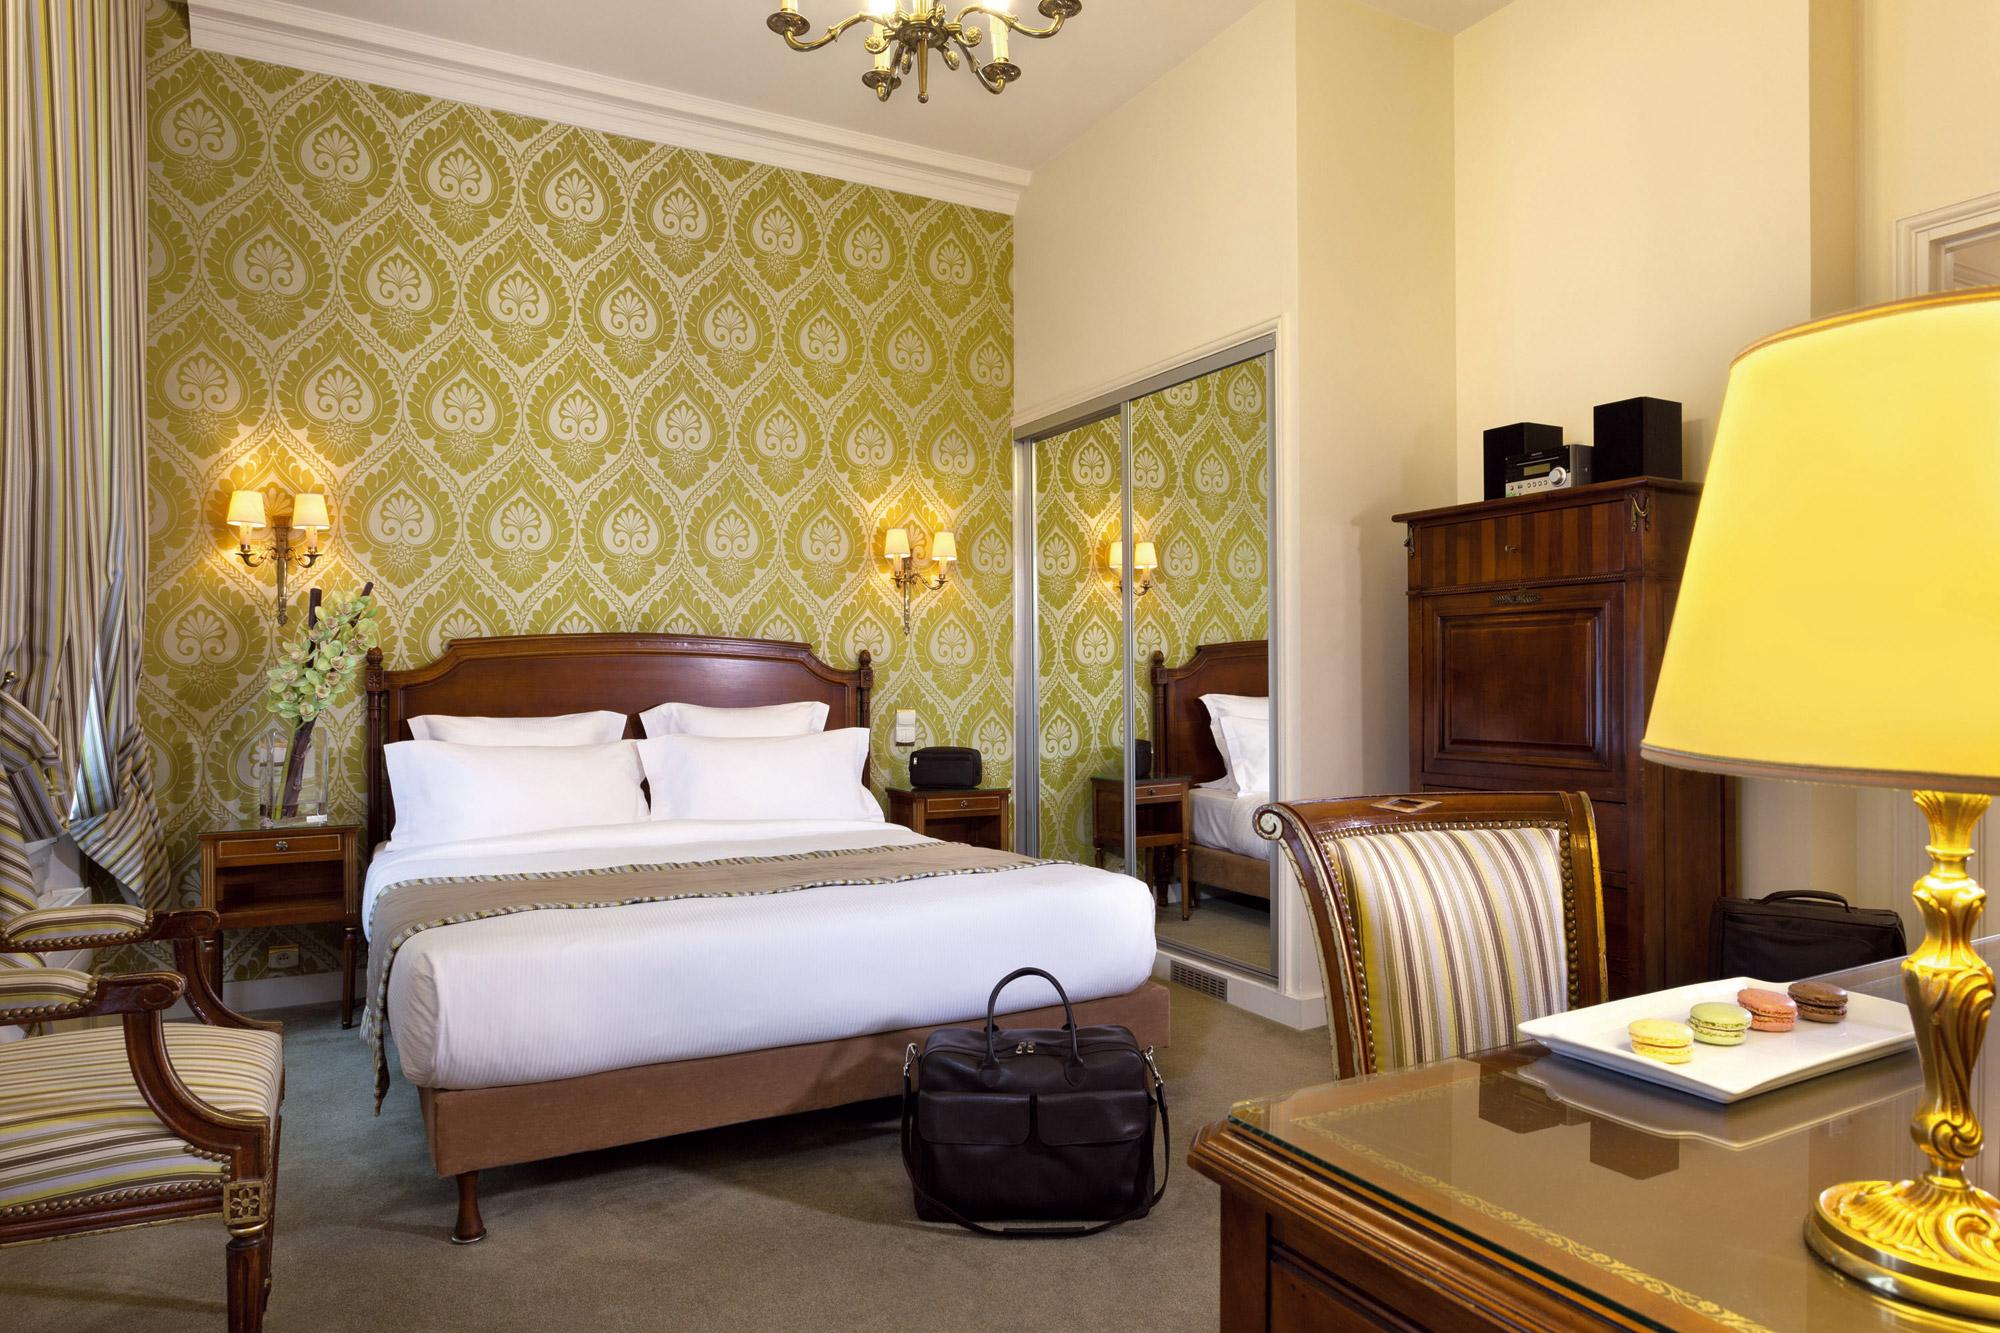 Chambre avec tapisserie aux murs de couleur verte , lit en bois massif, bureau et armoire en bois